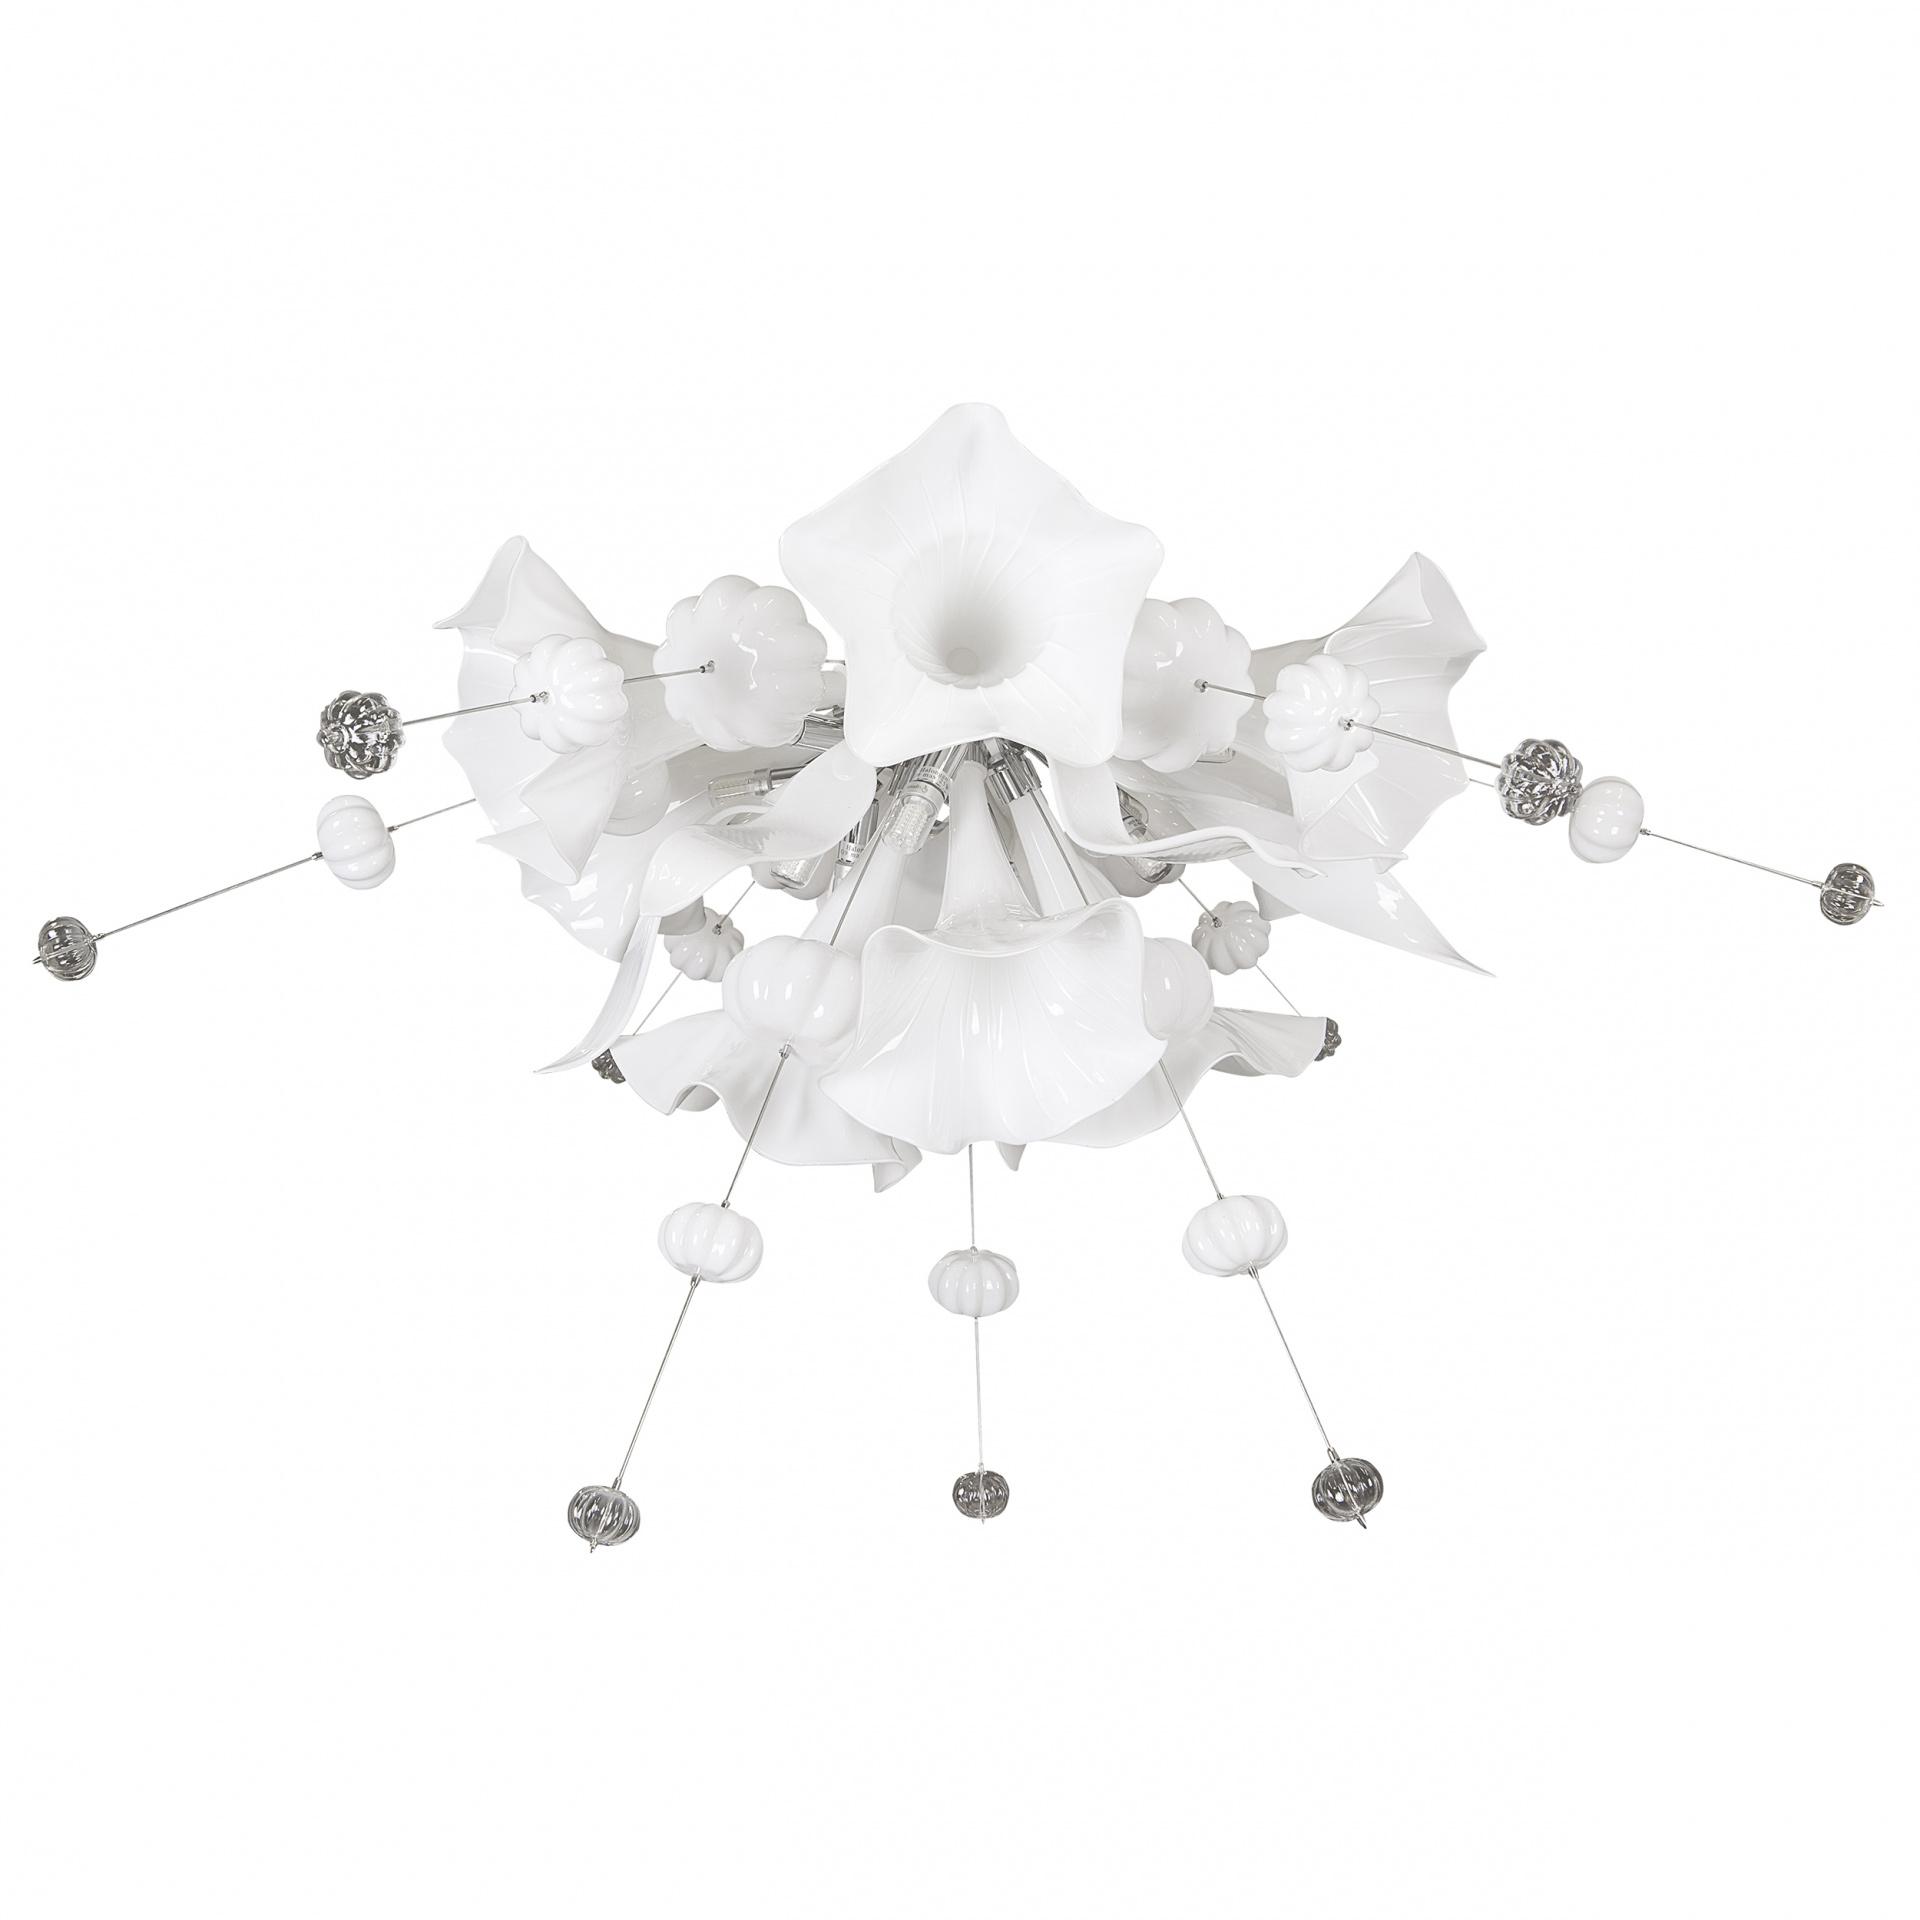 Люстра потолочная Celesta 12х6W (Led) G9 чисто белый Lightstar 893026, купить в СПб, Москве, с доставкой, Санкт-Петербург, интернет-магазин люстр и светильников Starlight, фото в жизни